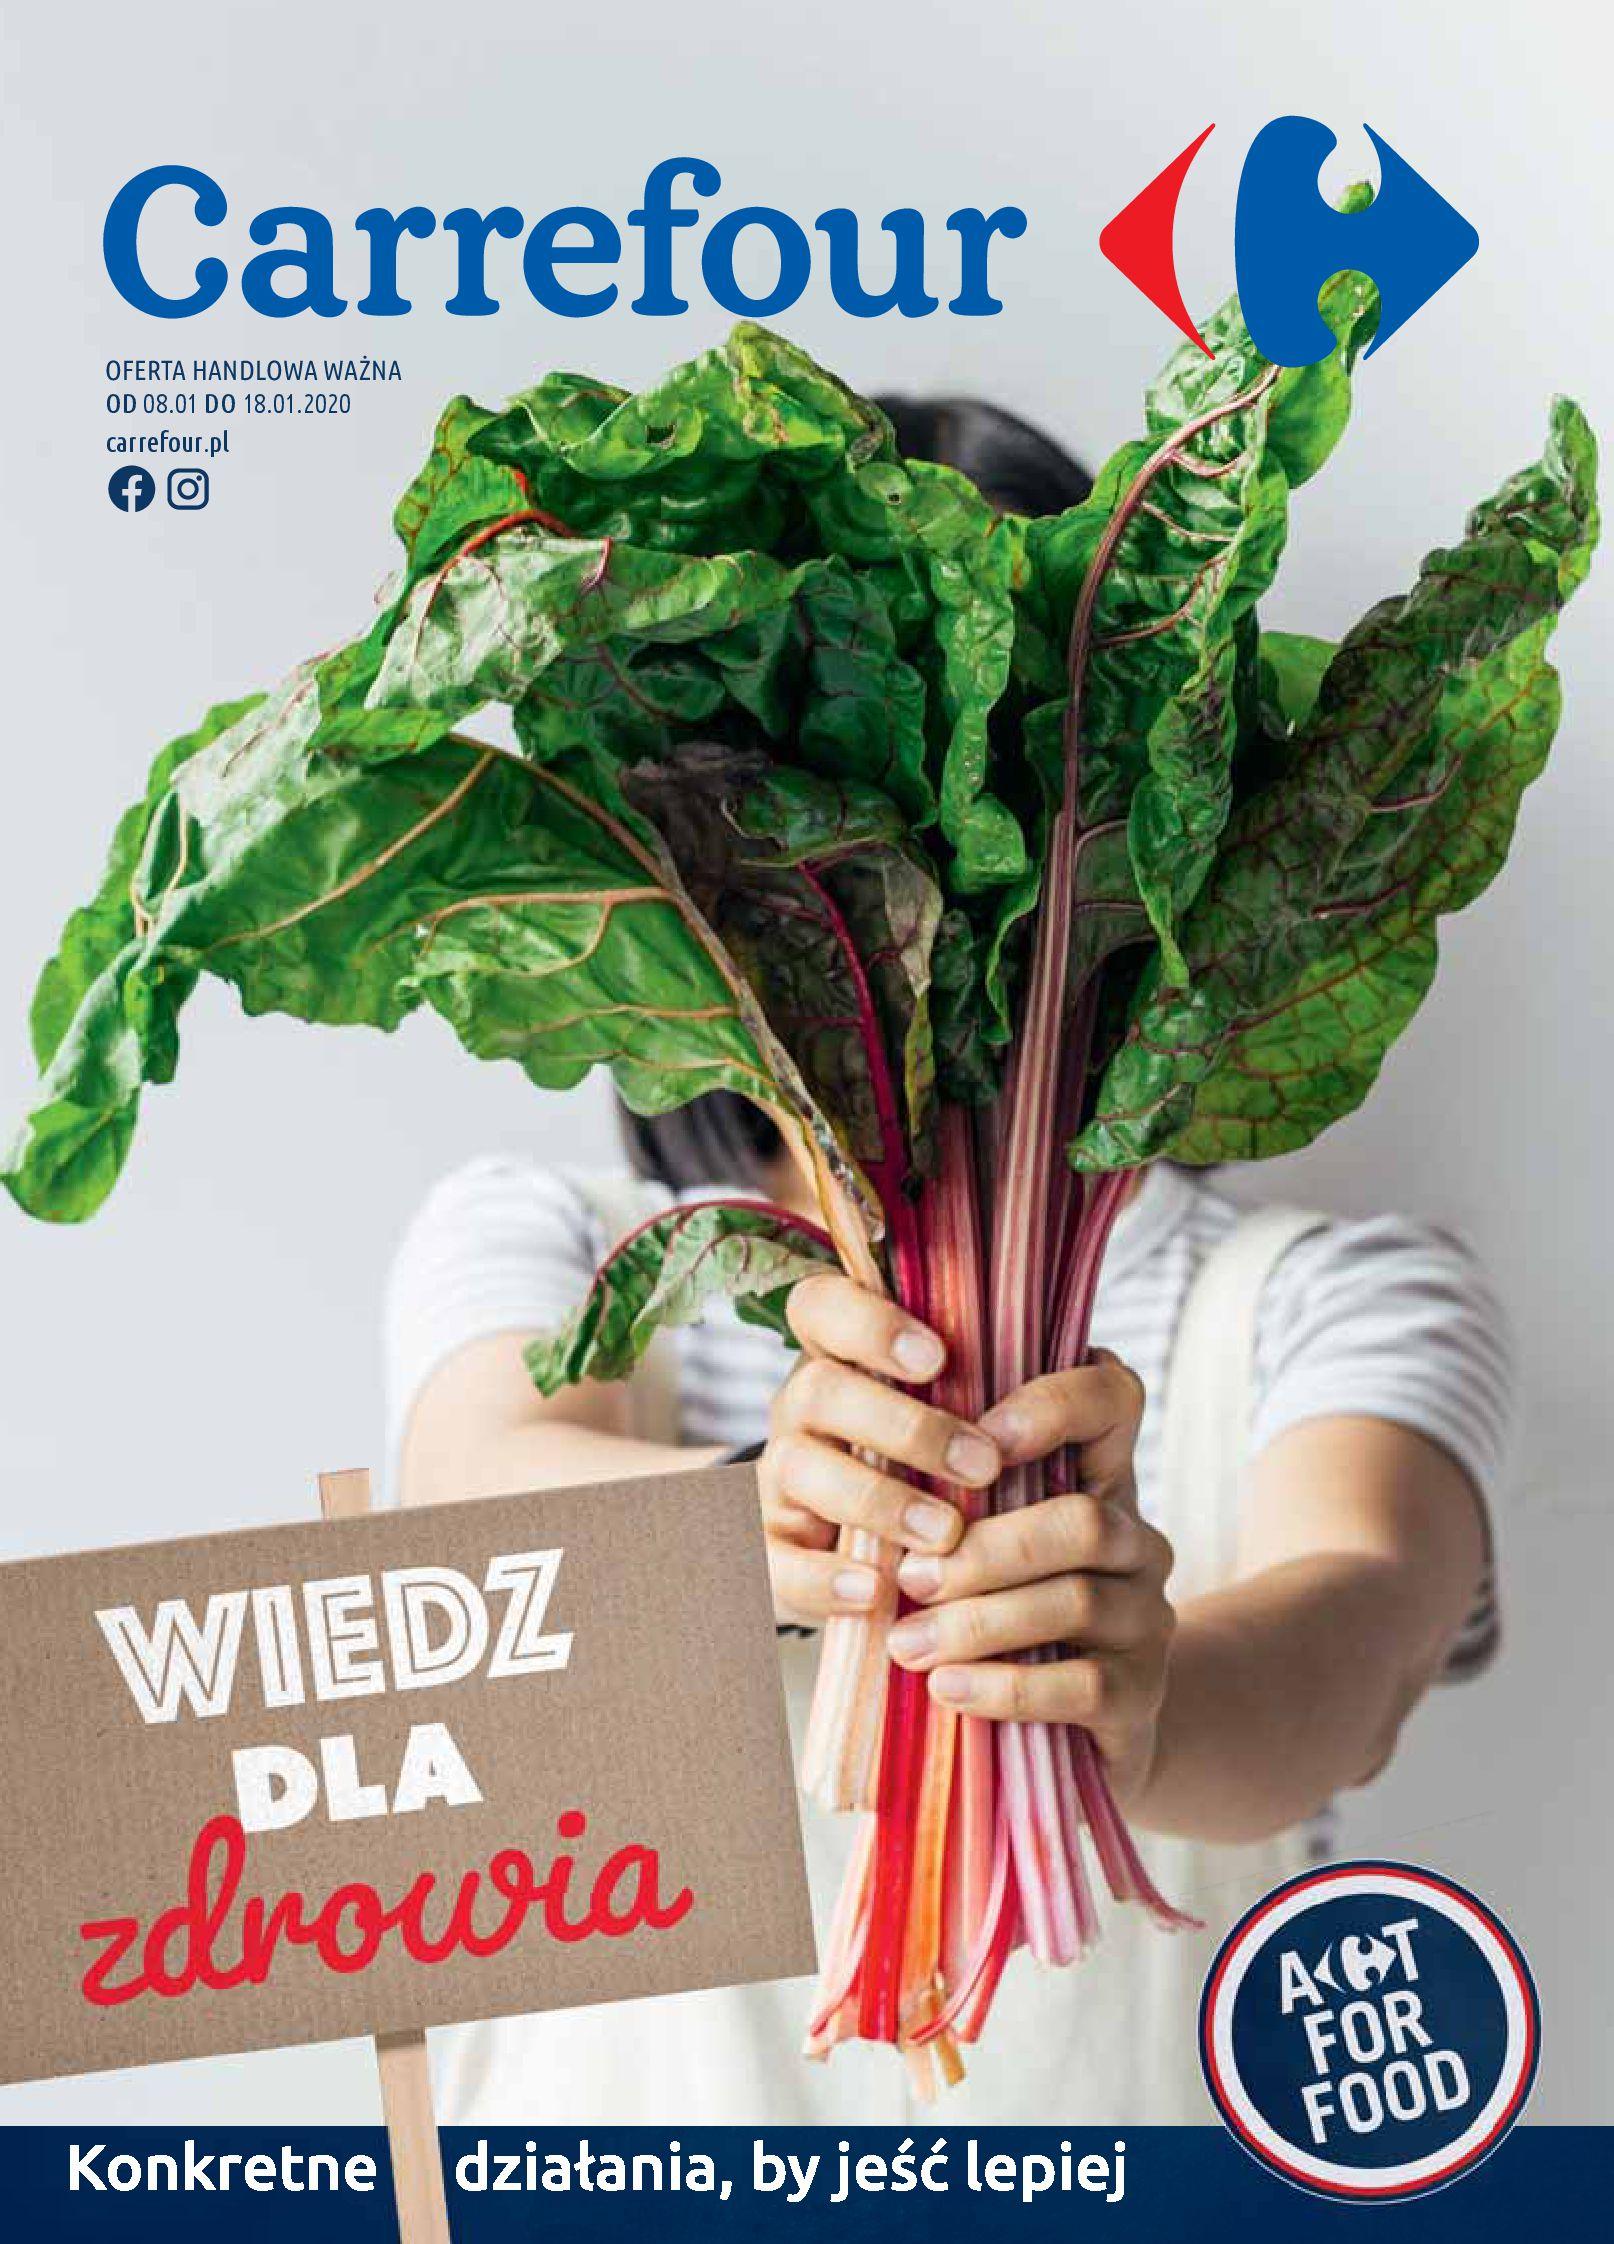 Gazetka Carrefour - Wiedz dla zdrowia-07.01.2020-18.01.2020-page-1